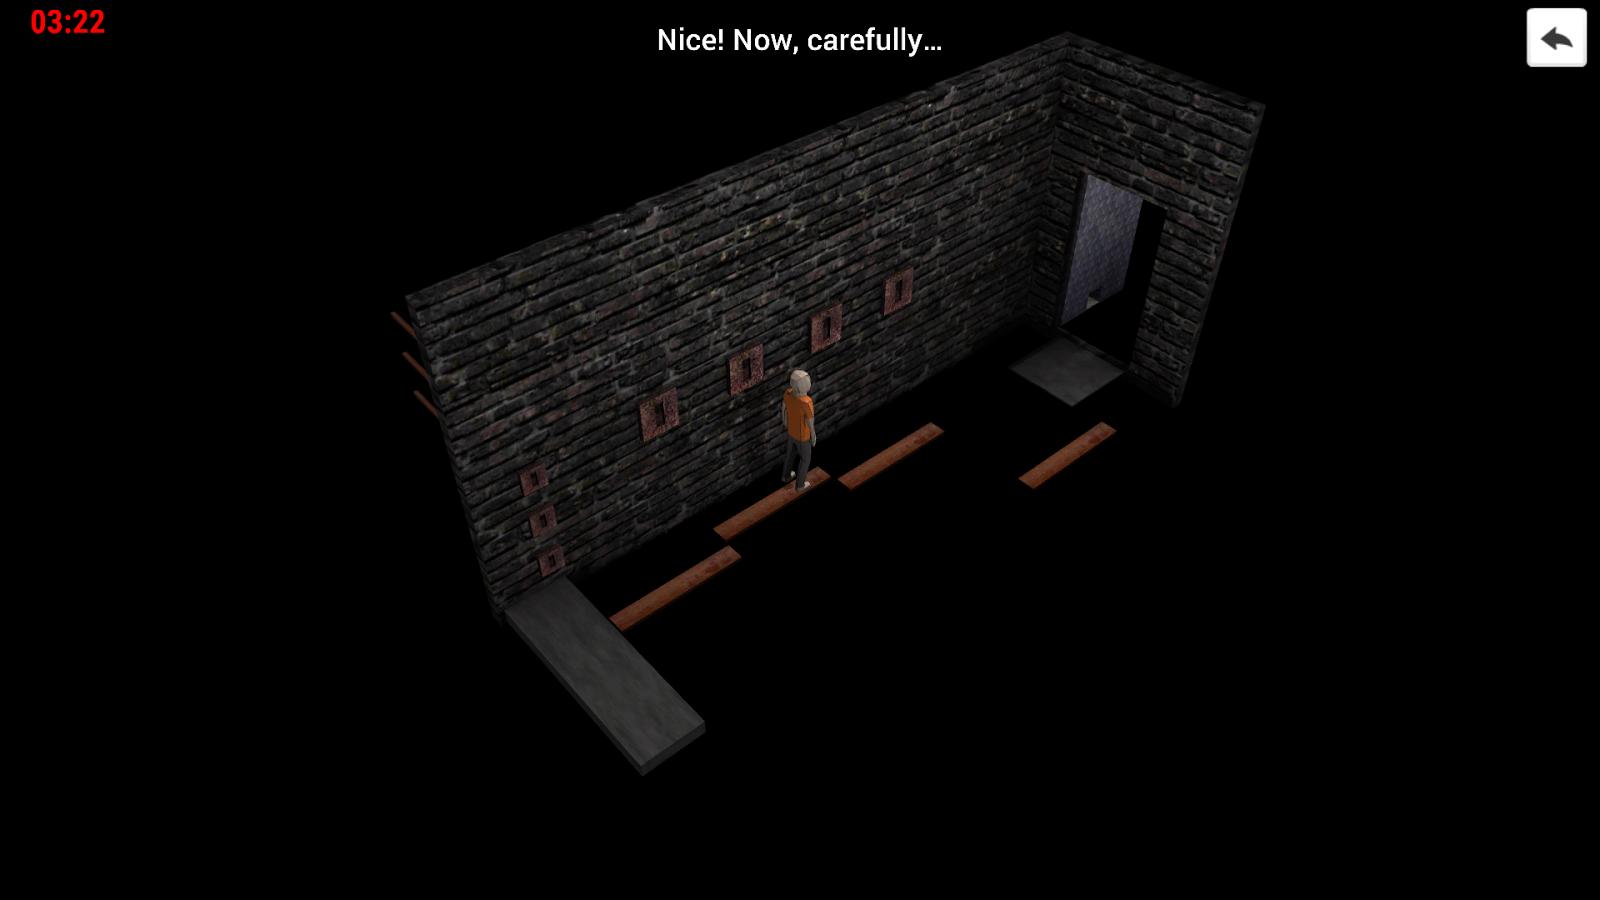 5 λεπτά για να αποδράσεις - στιγμιότυπο οθόνης